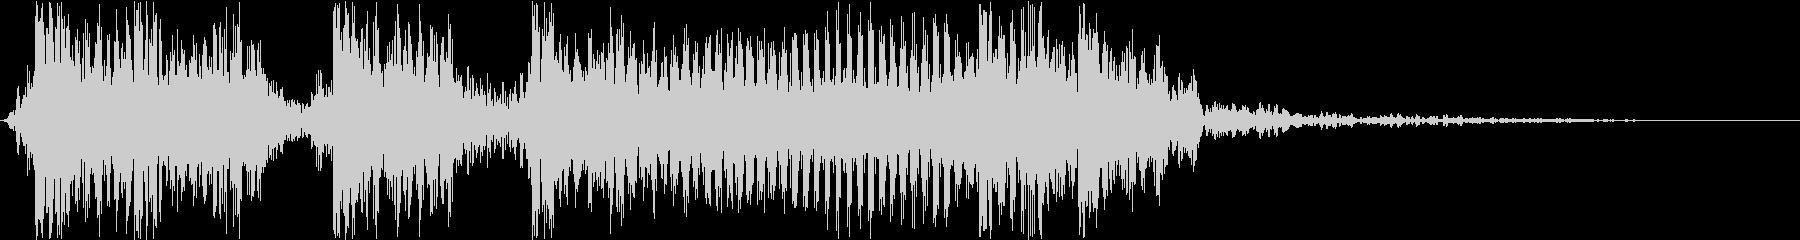 生演奏メタルギター衝撃走るジングルバトルの未再生の波形